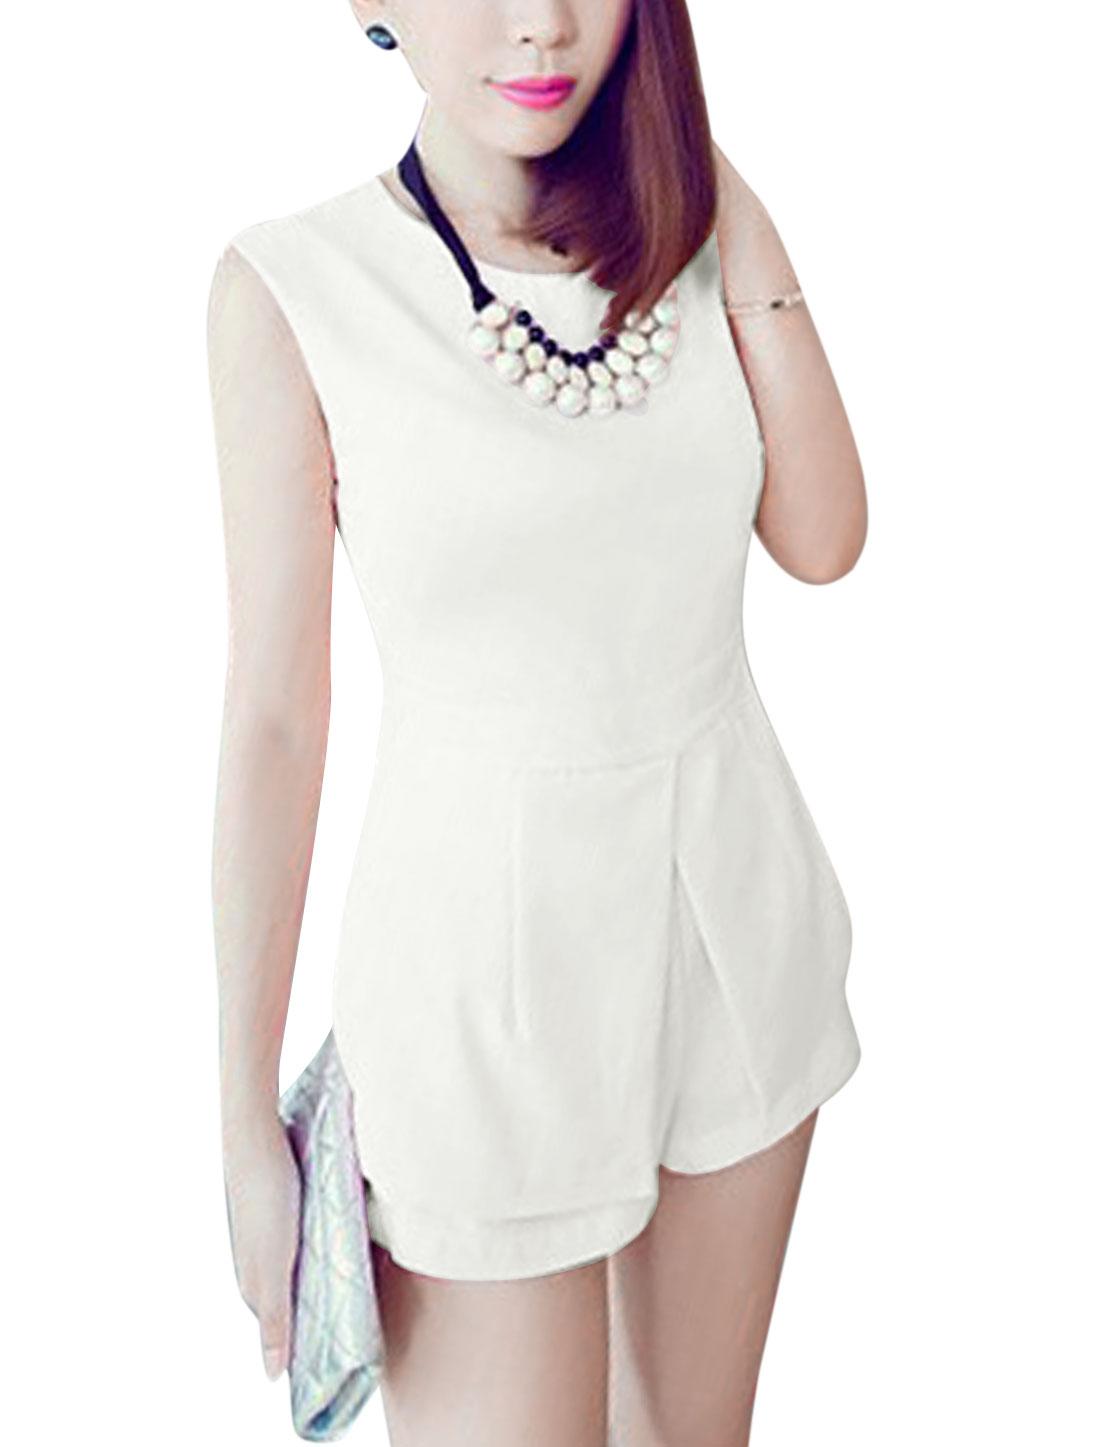 Lady Zipped Side Shorts w Hidden Zipper Side Top Off White M